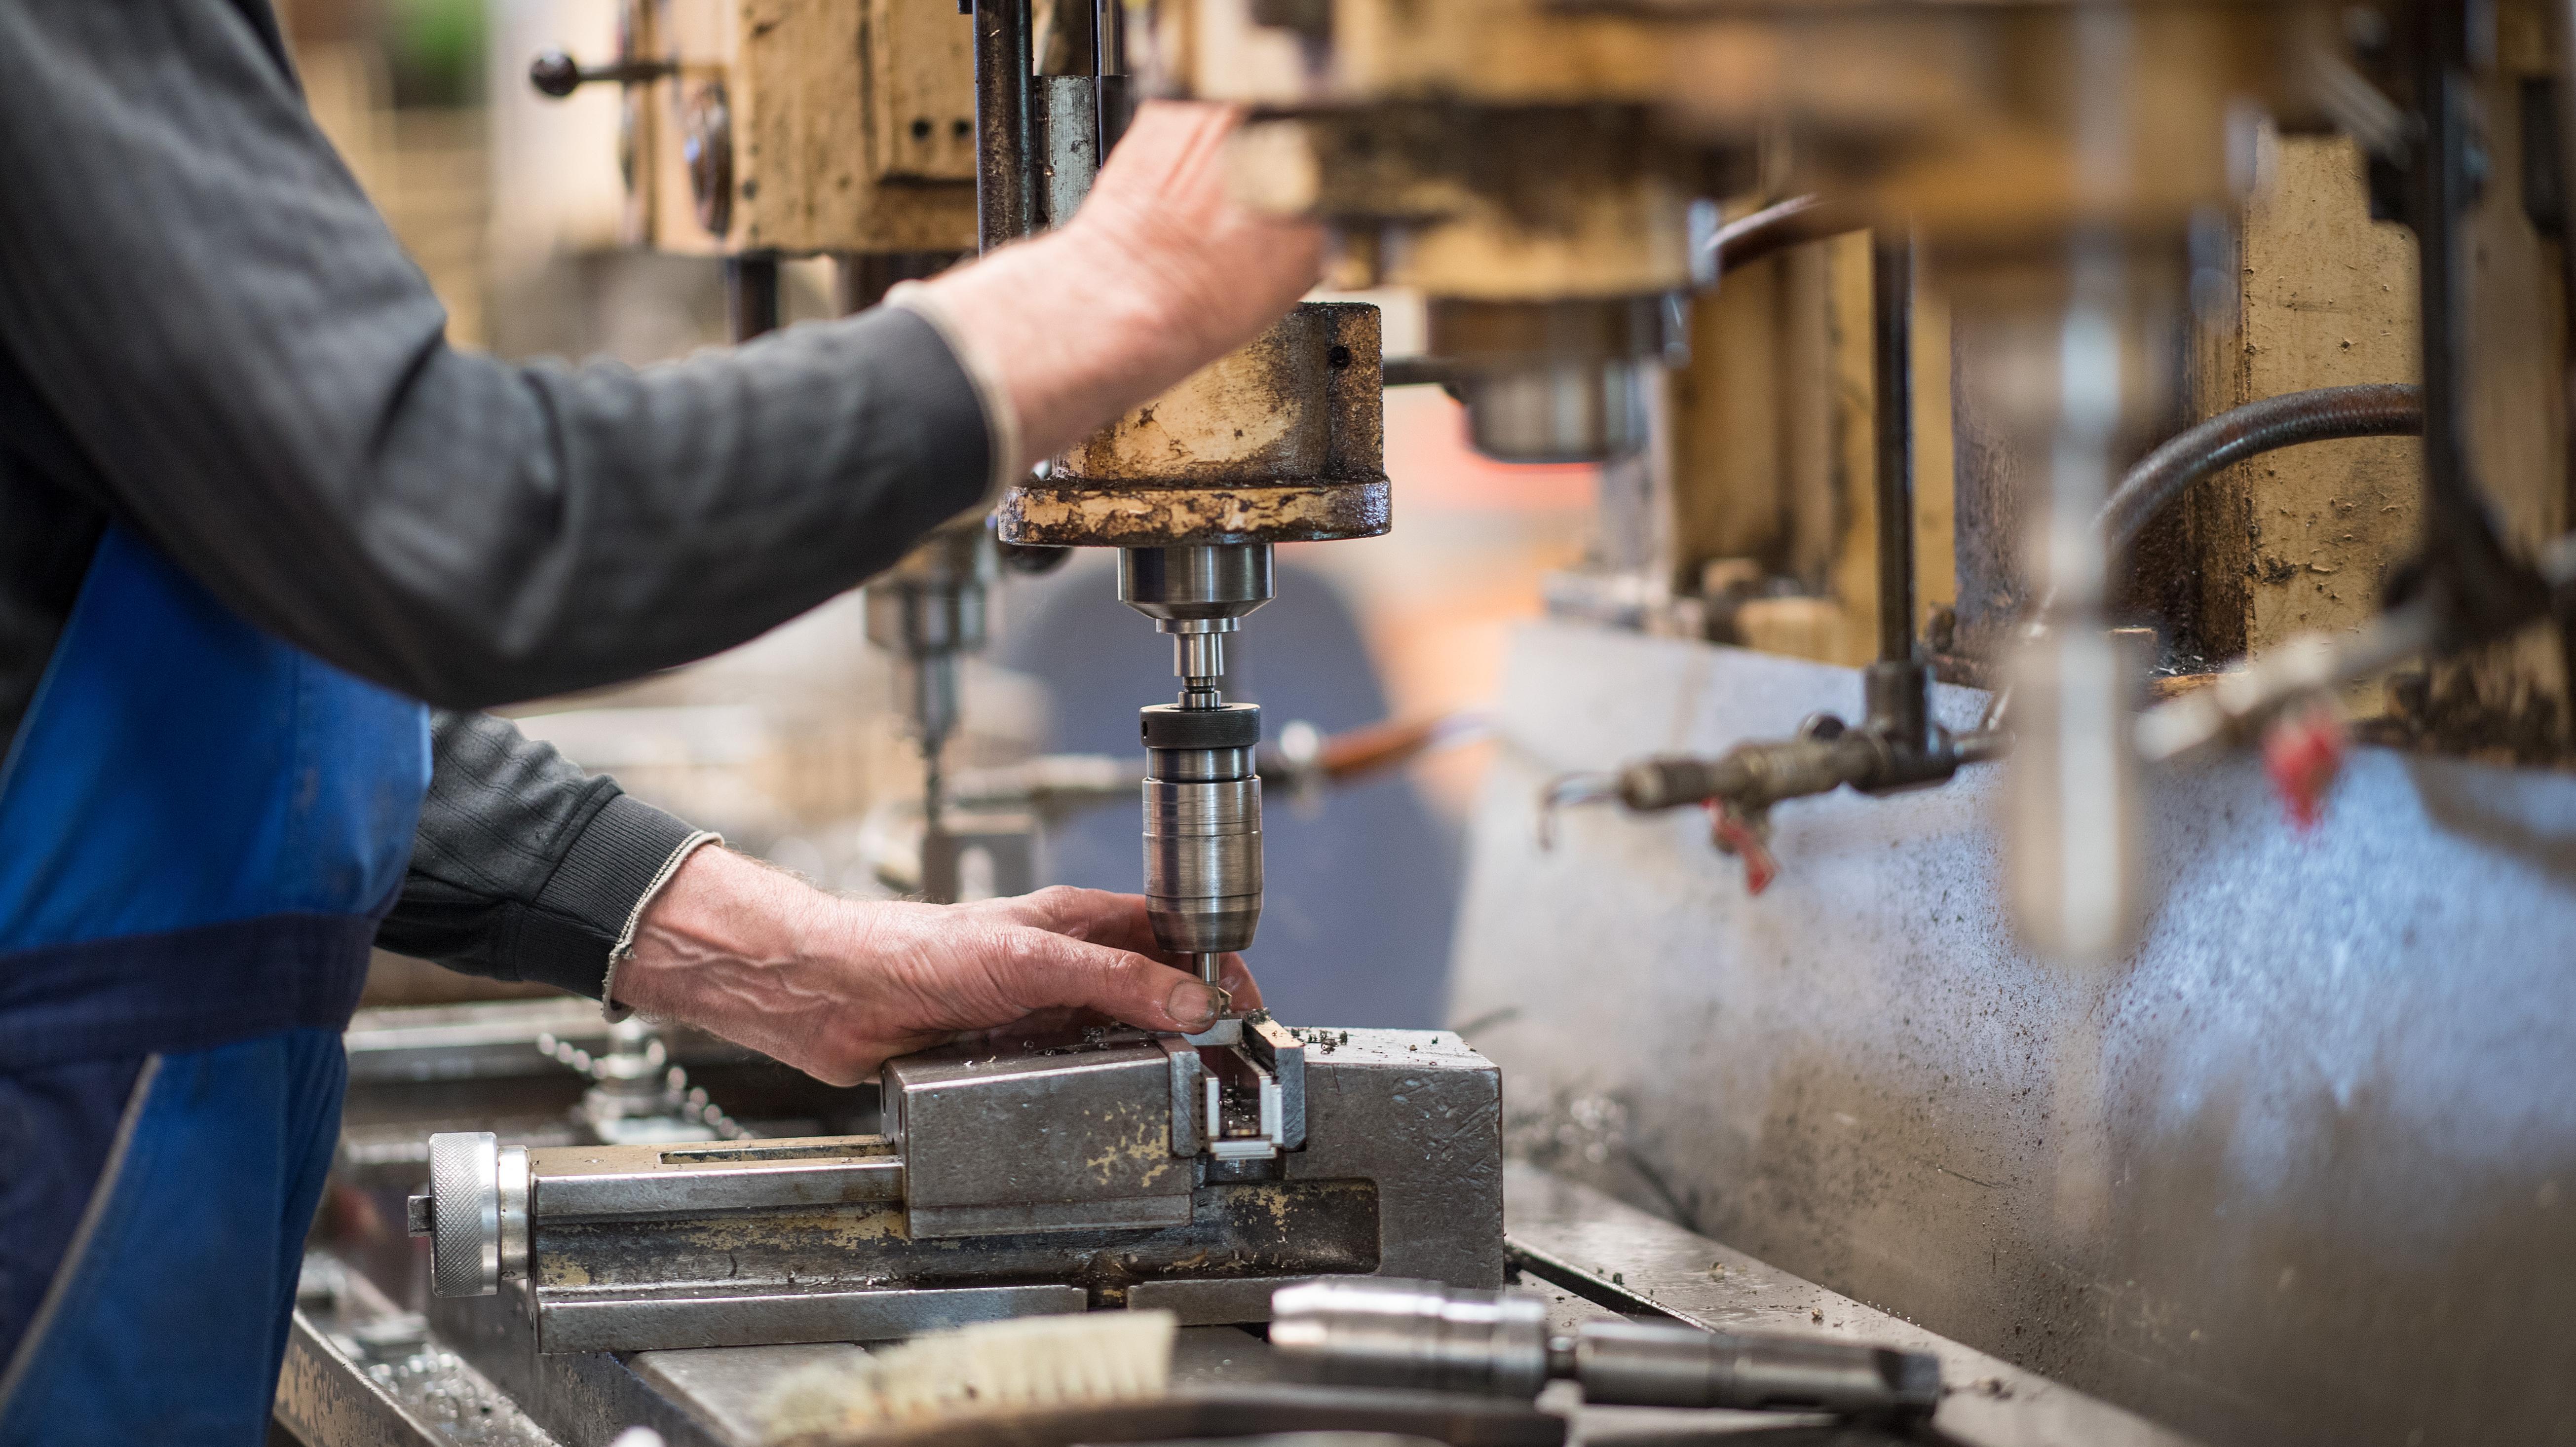 Eine Fachkraft bedient in der Produktionshalle eine Maschine zur Verarbeitung von Metall